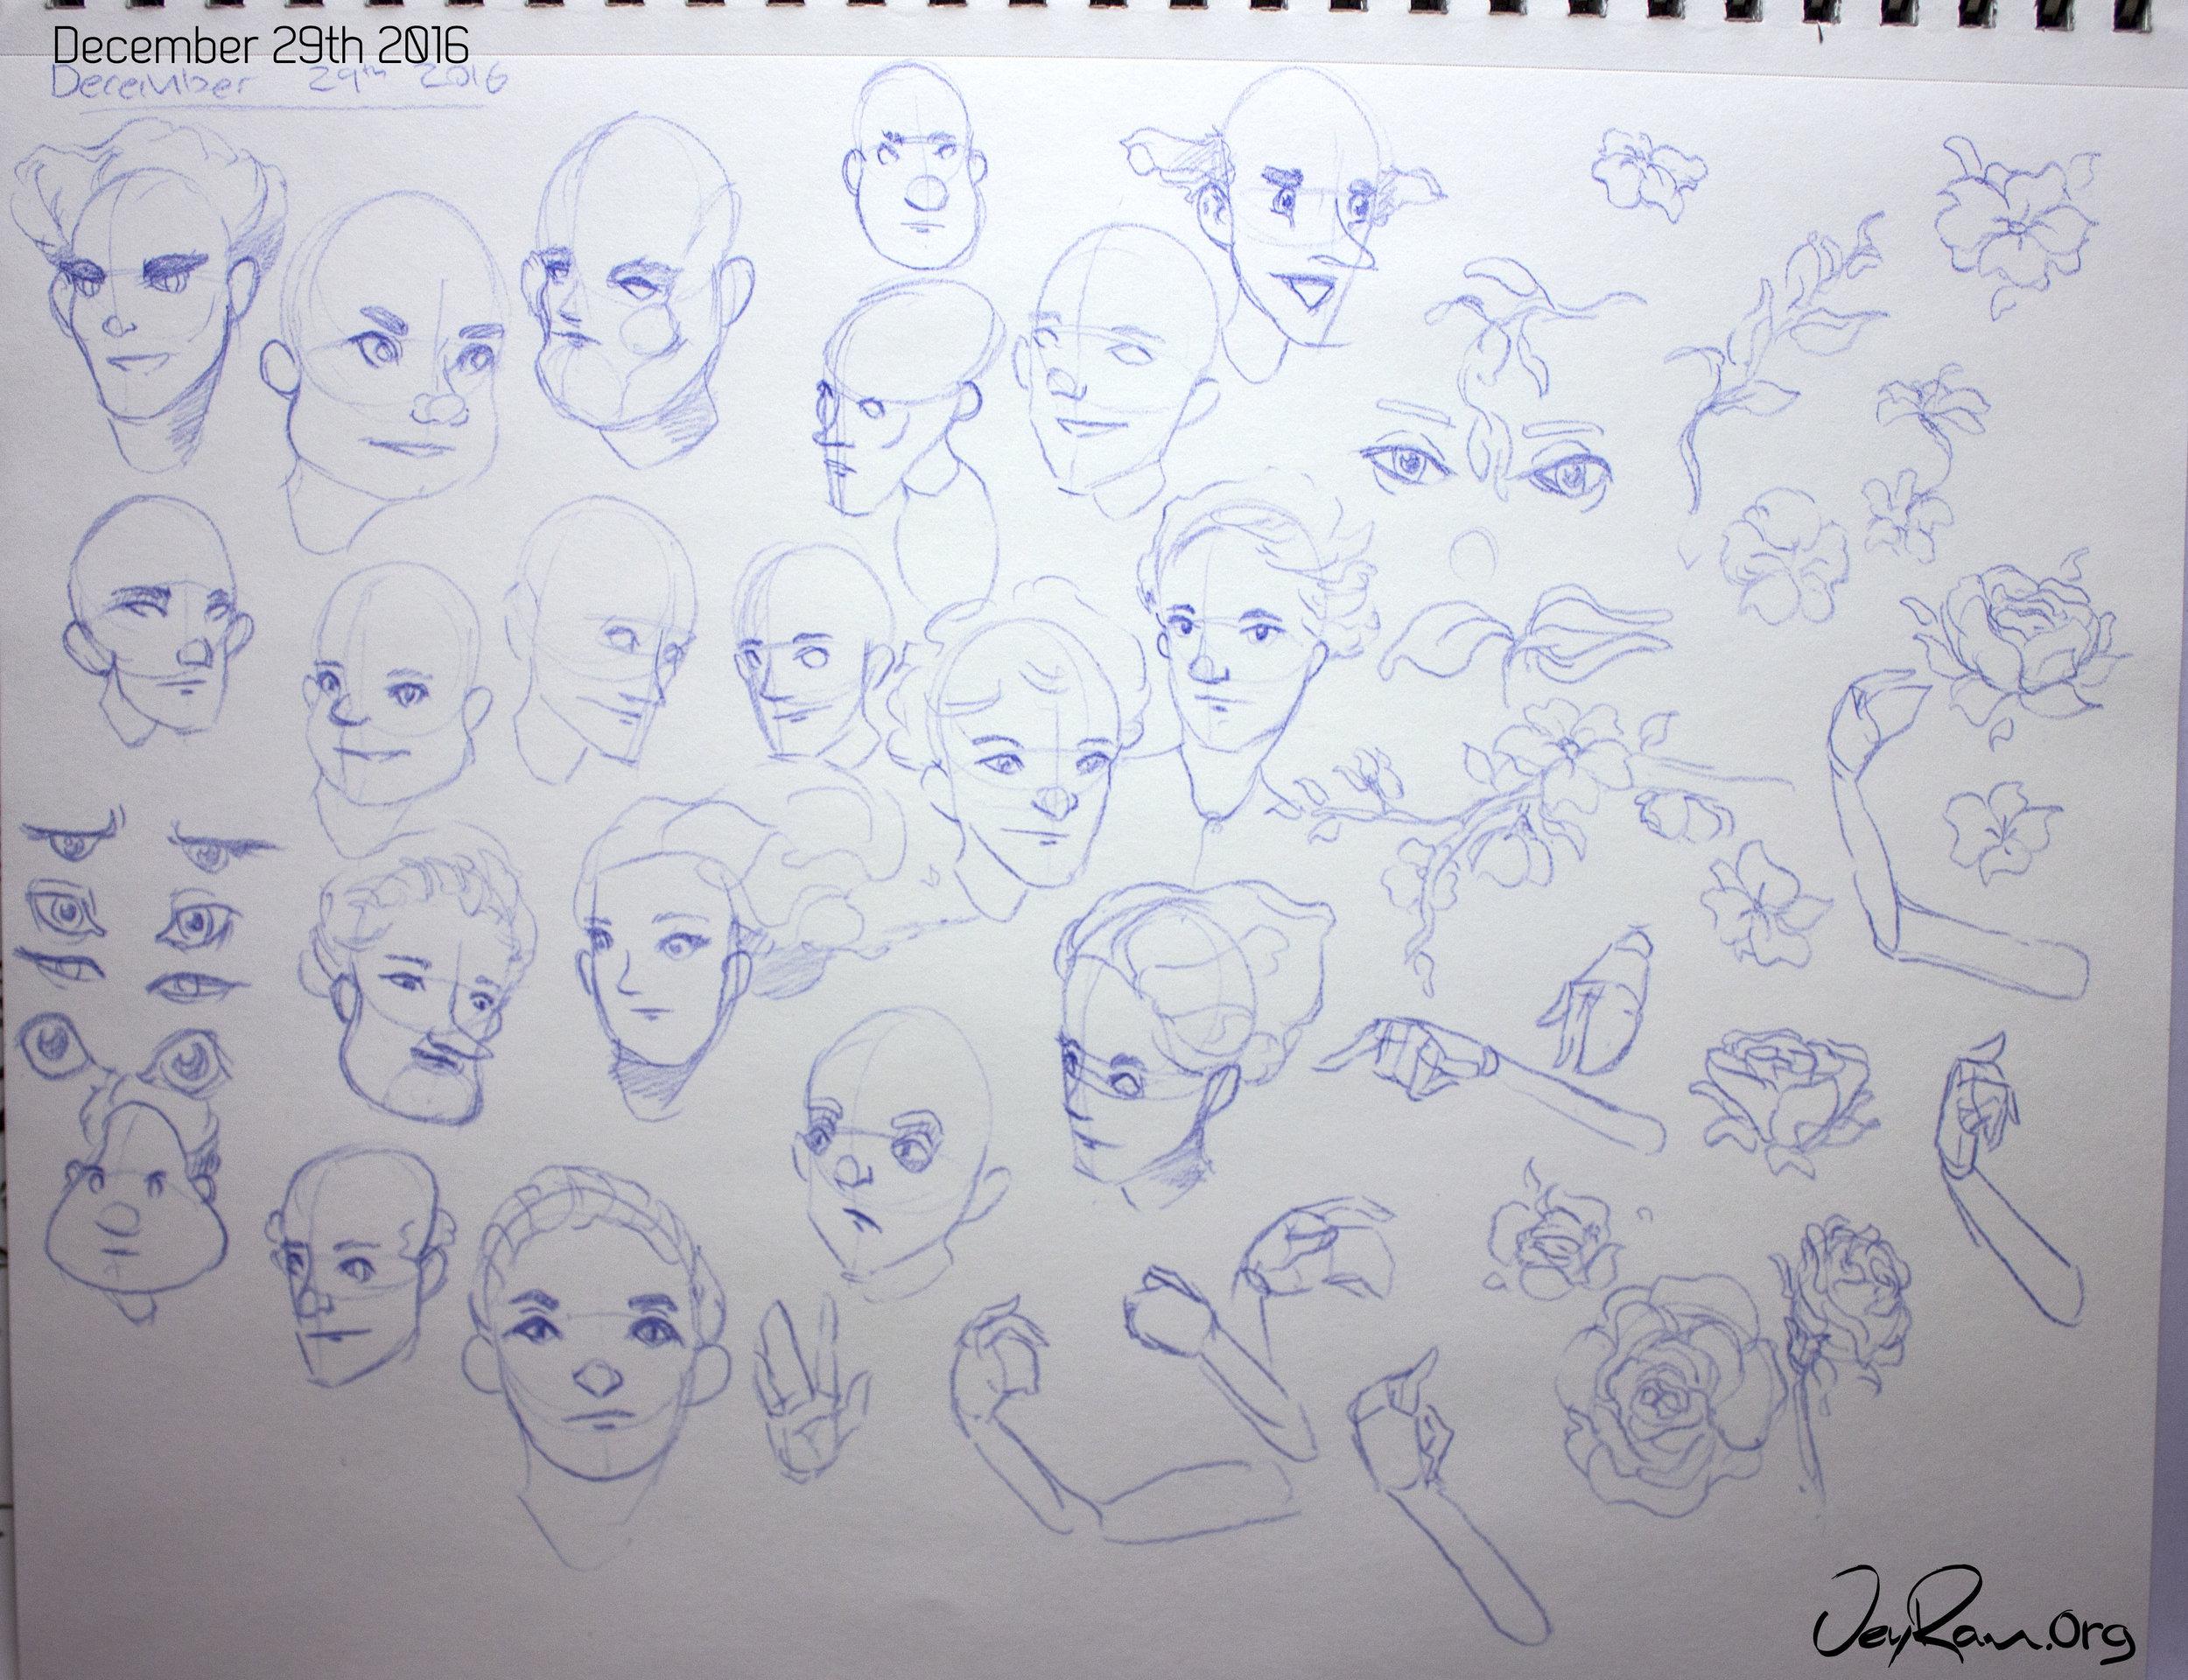 16-12-29 3.jpg